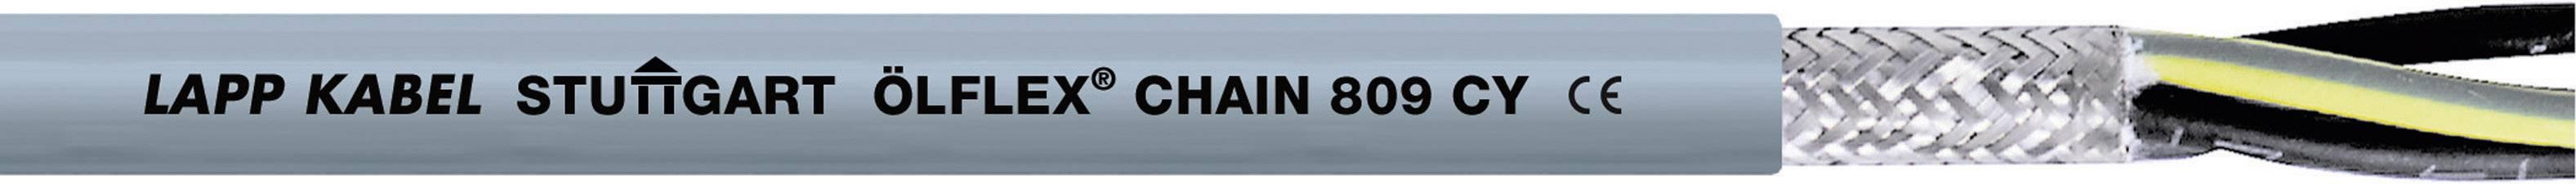 Žíla kabelu LappKabel ÖLFLEX CHAIN 809 CY 2X1,0 (1026767), 2x 1 mm², PVC, Ø 6,5 mm, stíněný, 1 m, šedá